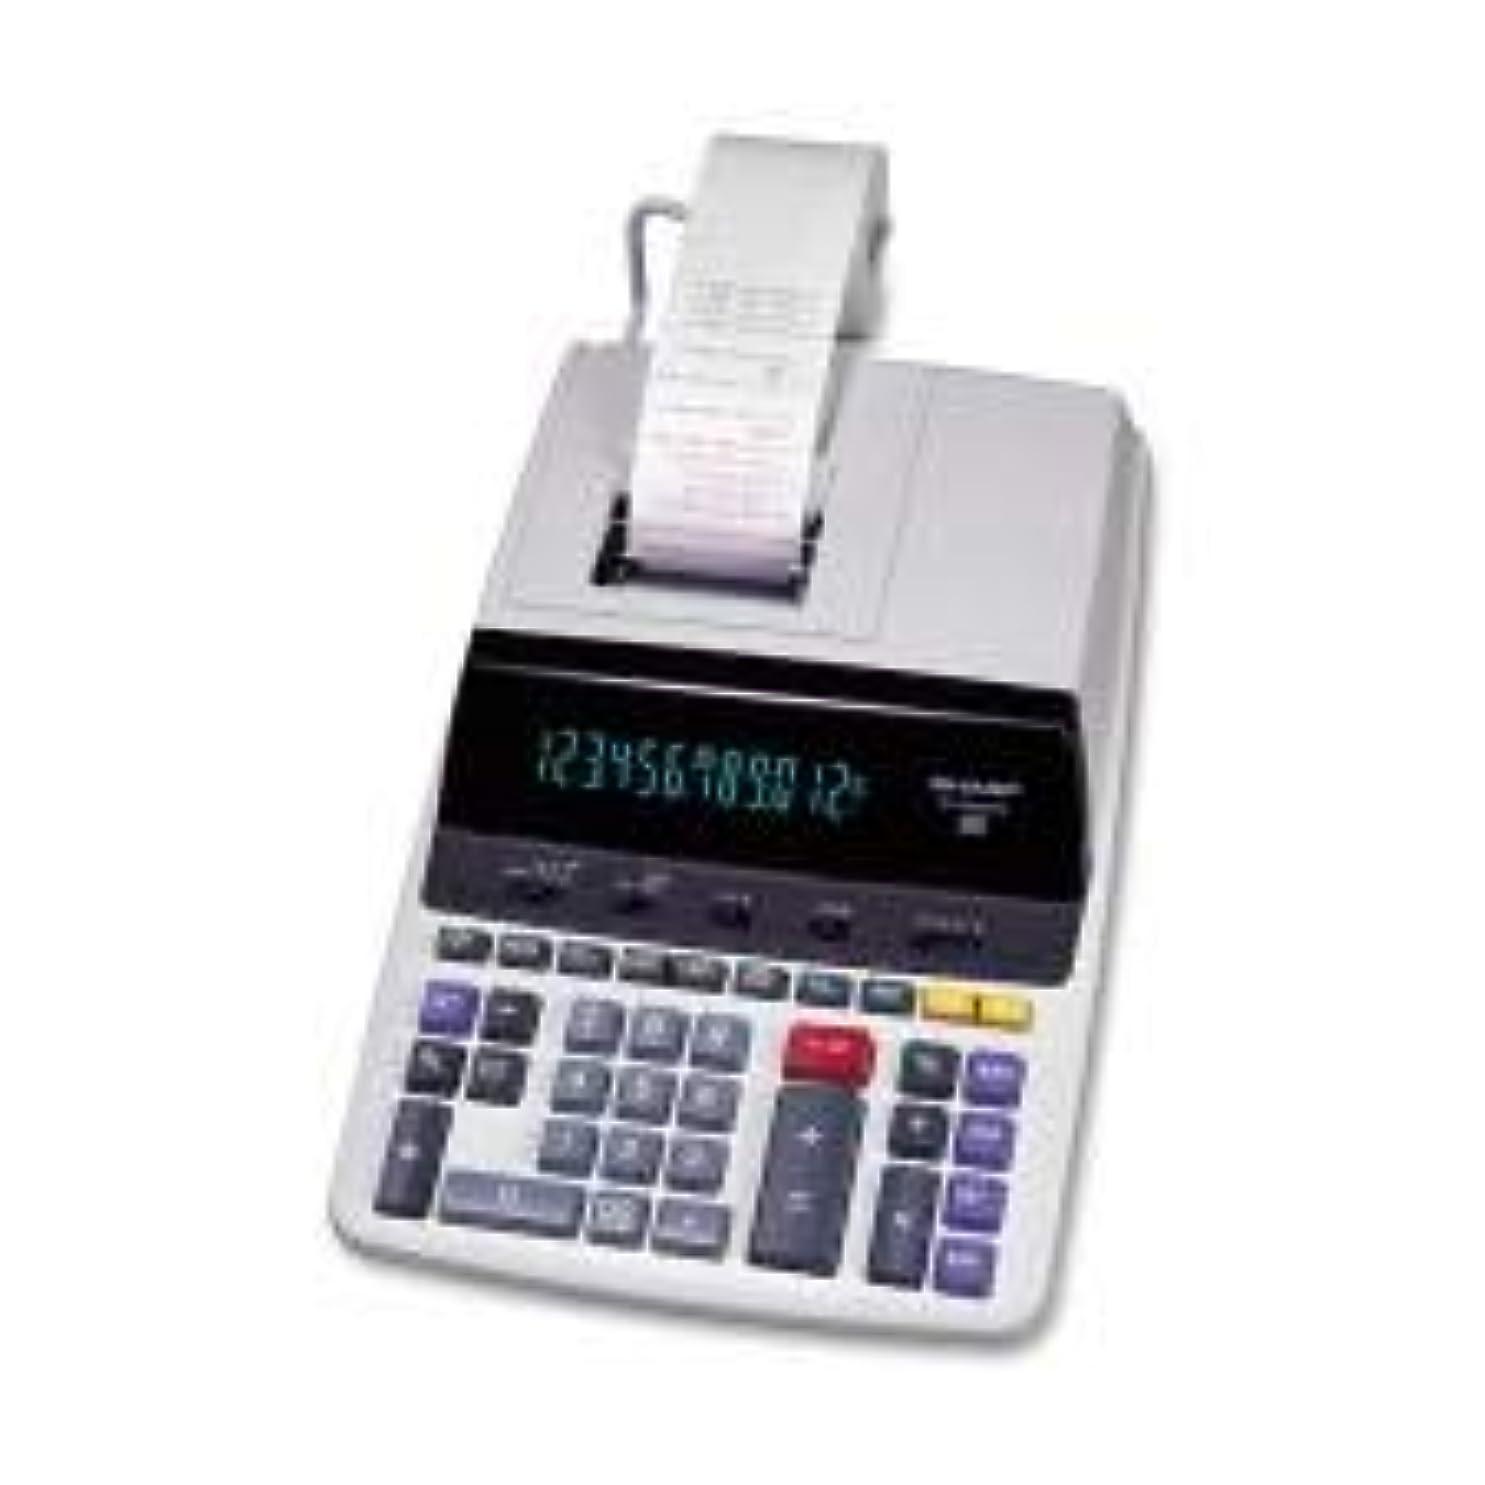 告発者山畝間シャープ EL2630PIII 12桁 商業用印刷電卓 12文字 蛍光 電源アダプター